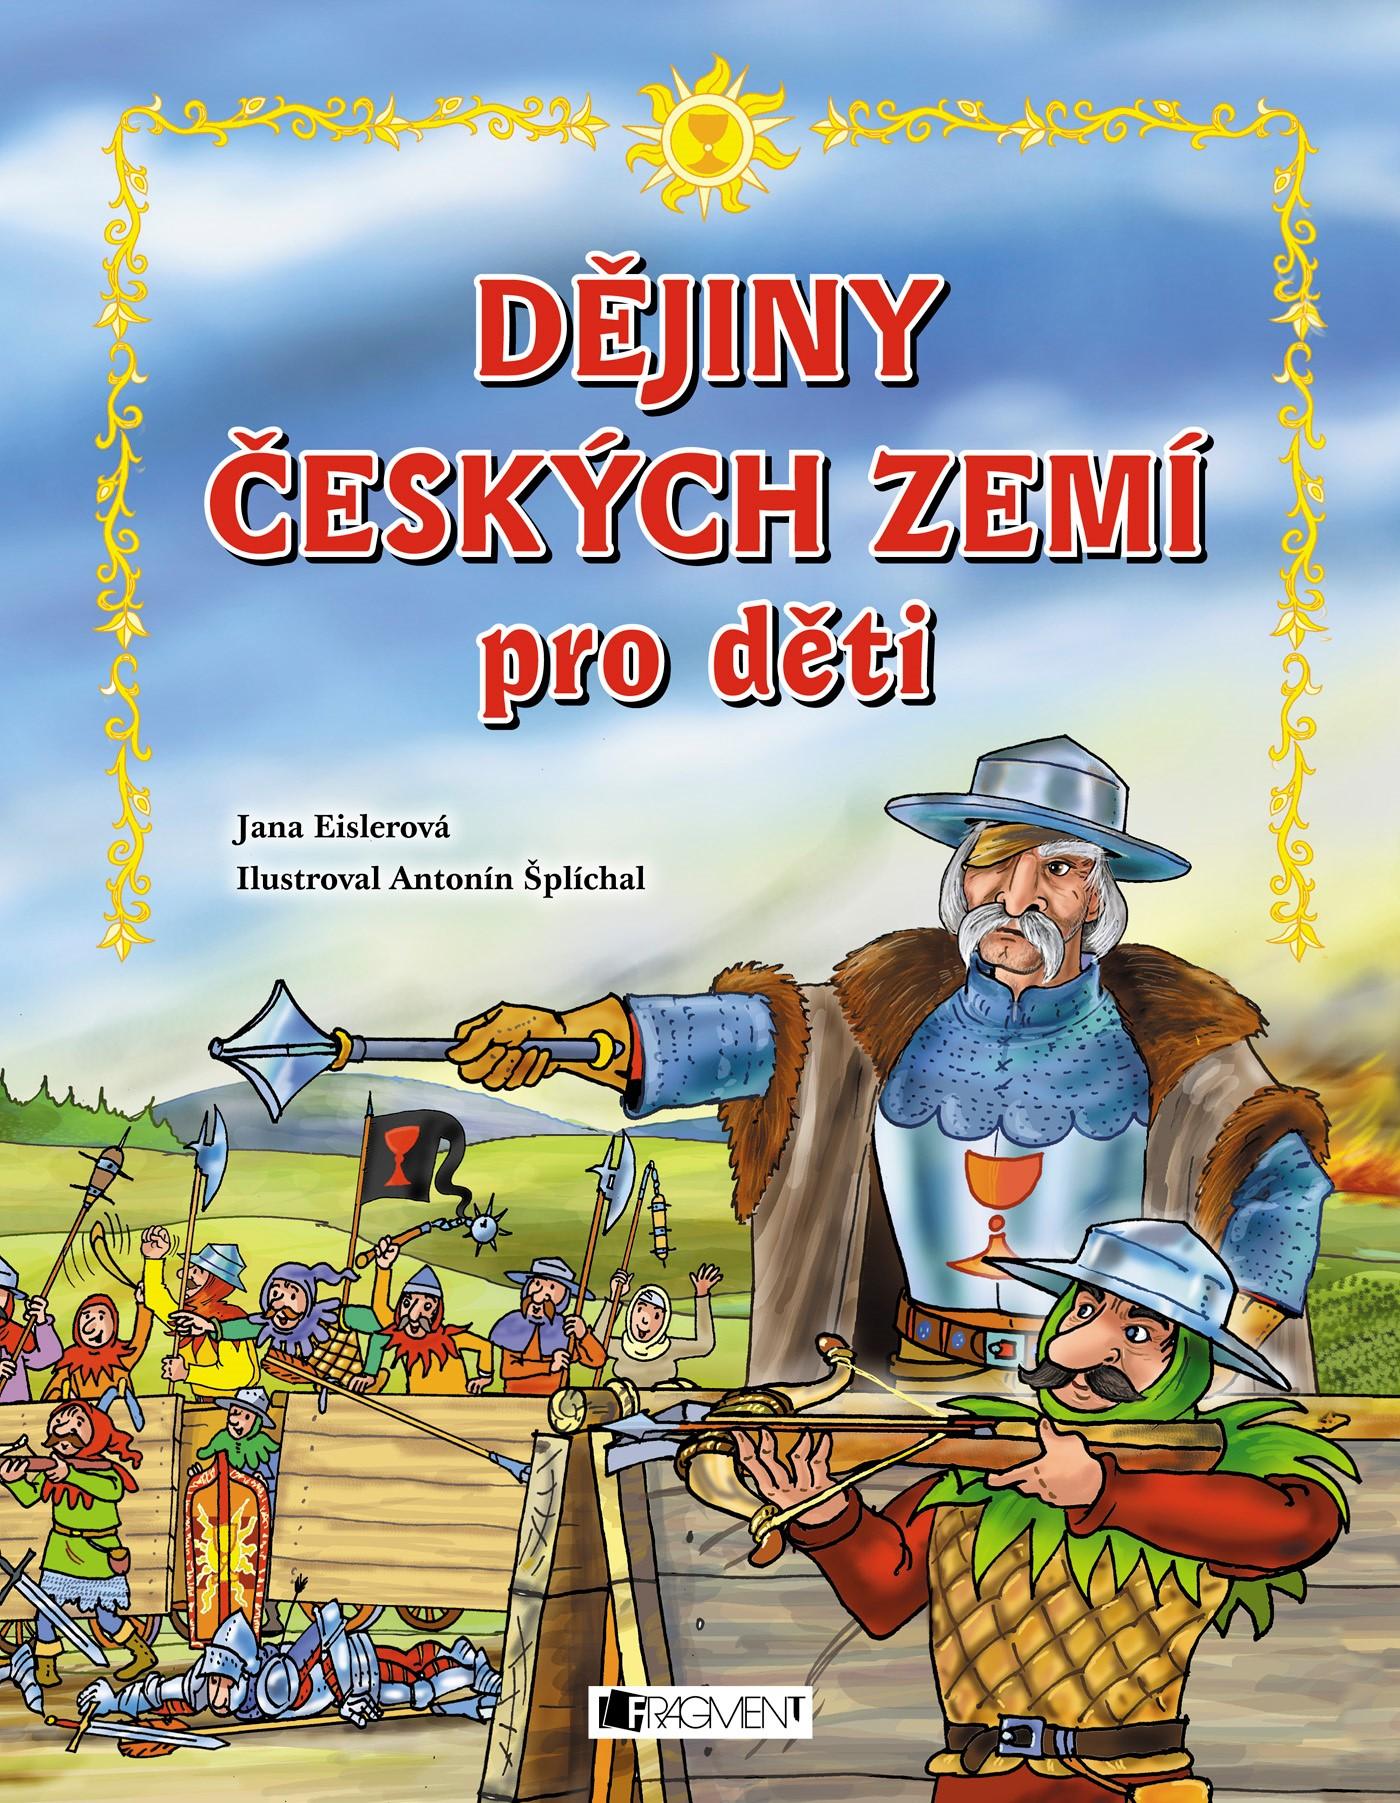 Dějiny českých zemí – pro děti | Jana Eislerová